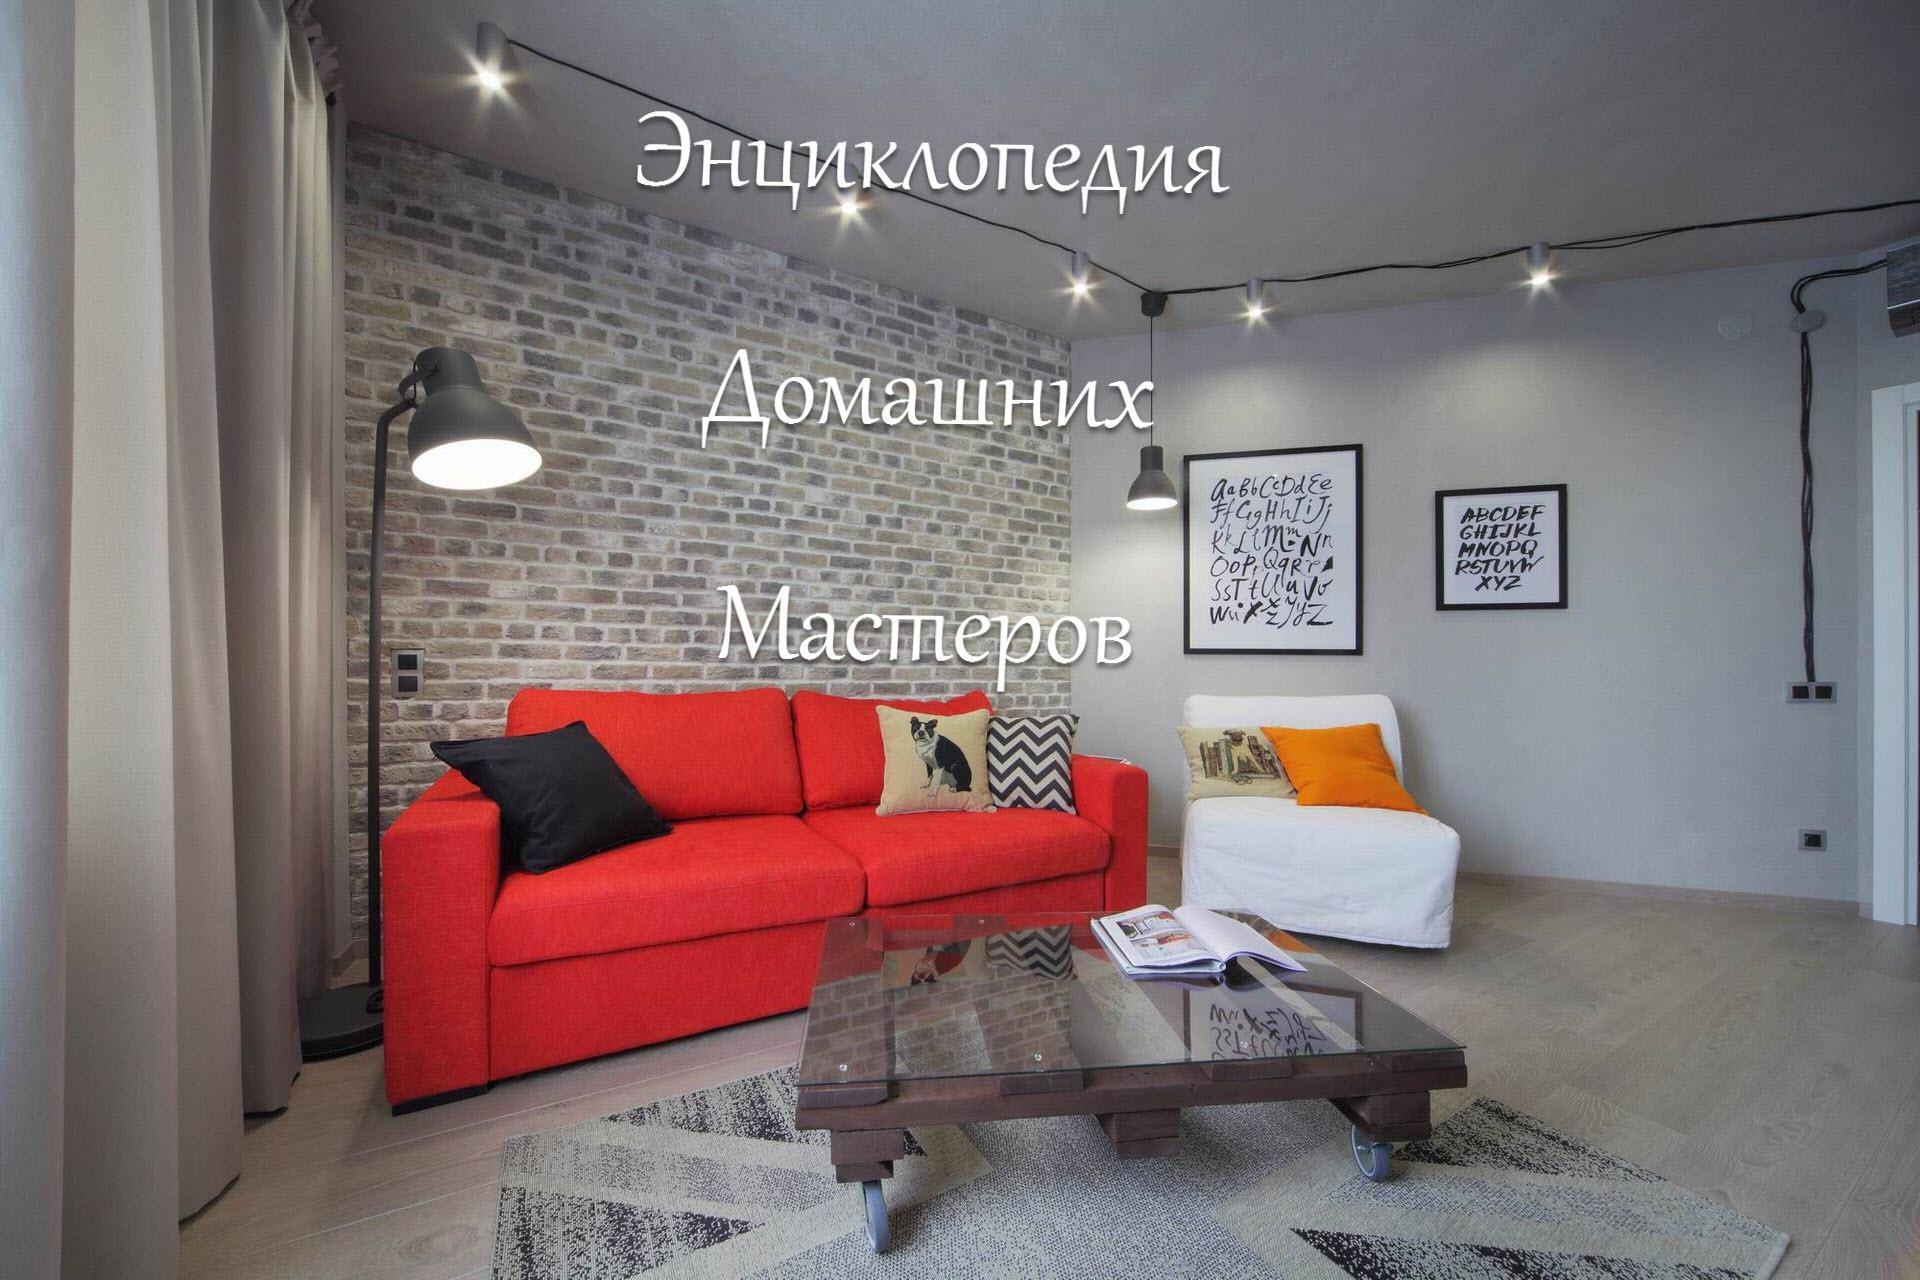 энциклопедия домашних мастеров фото